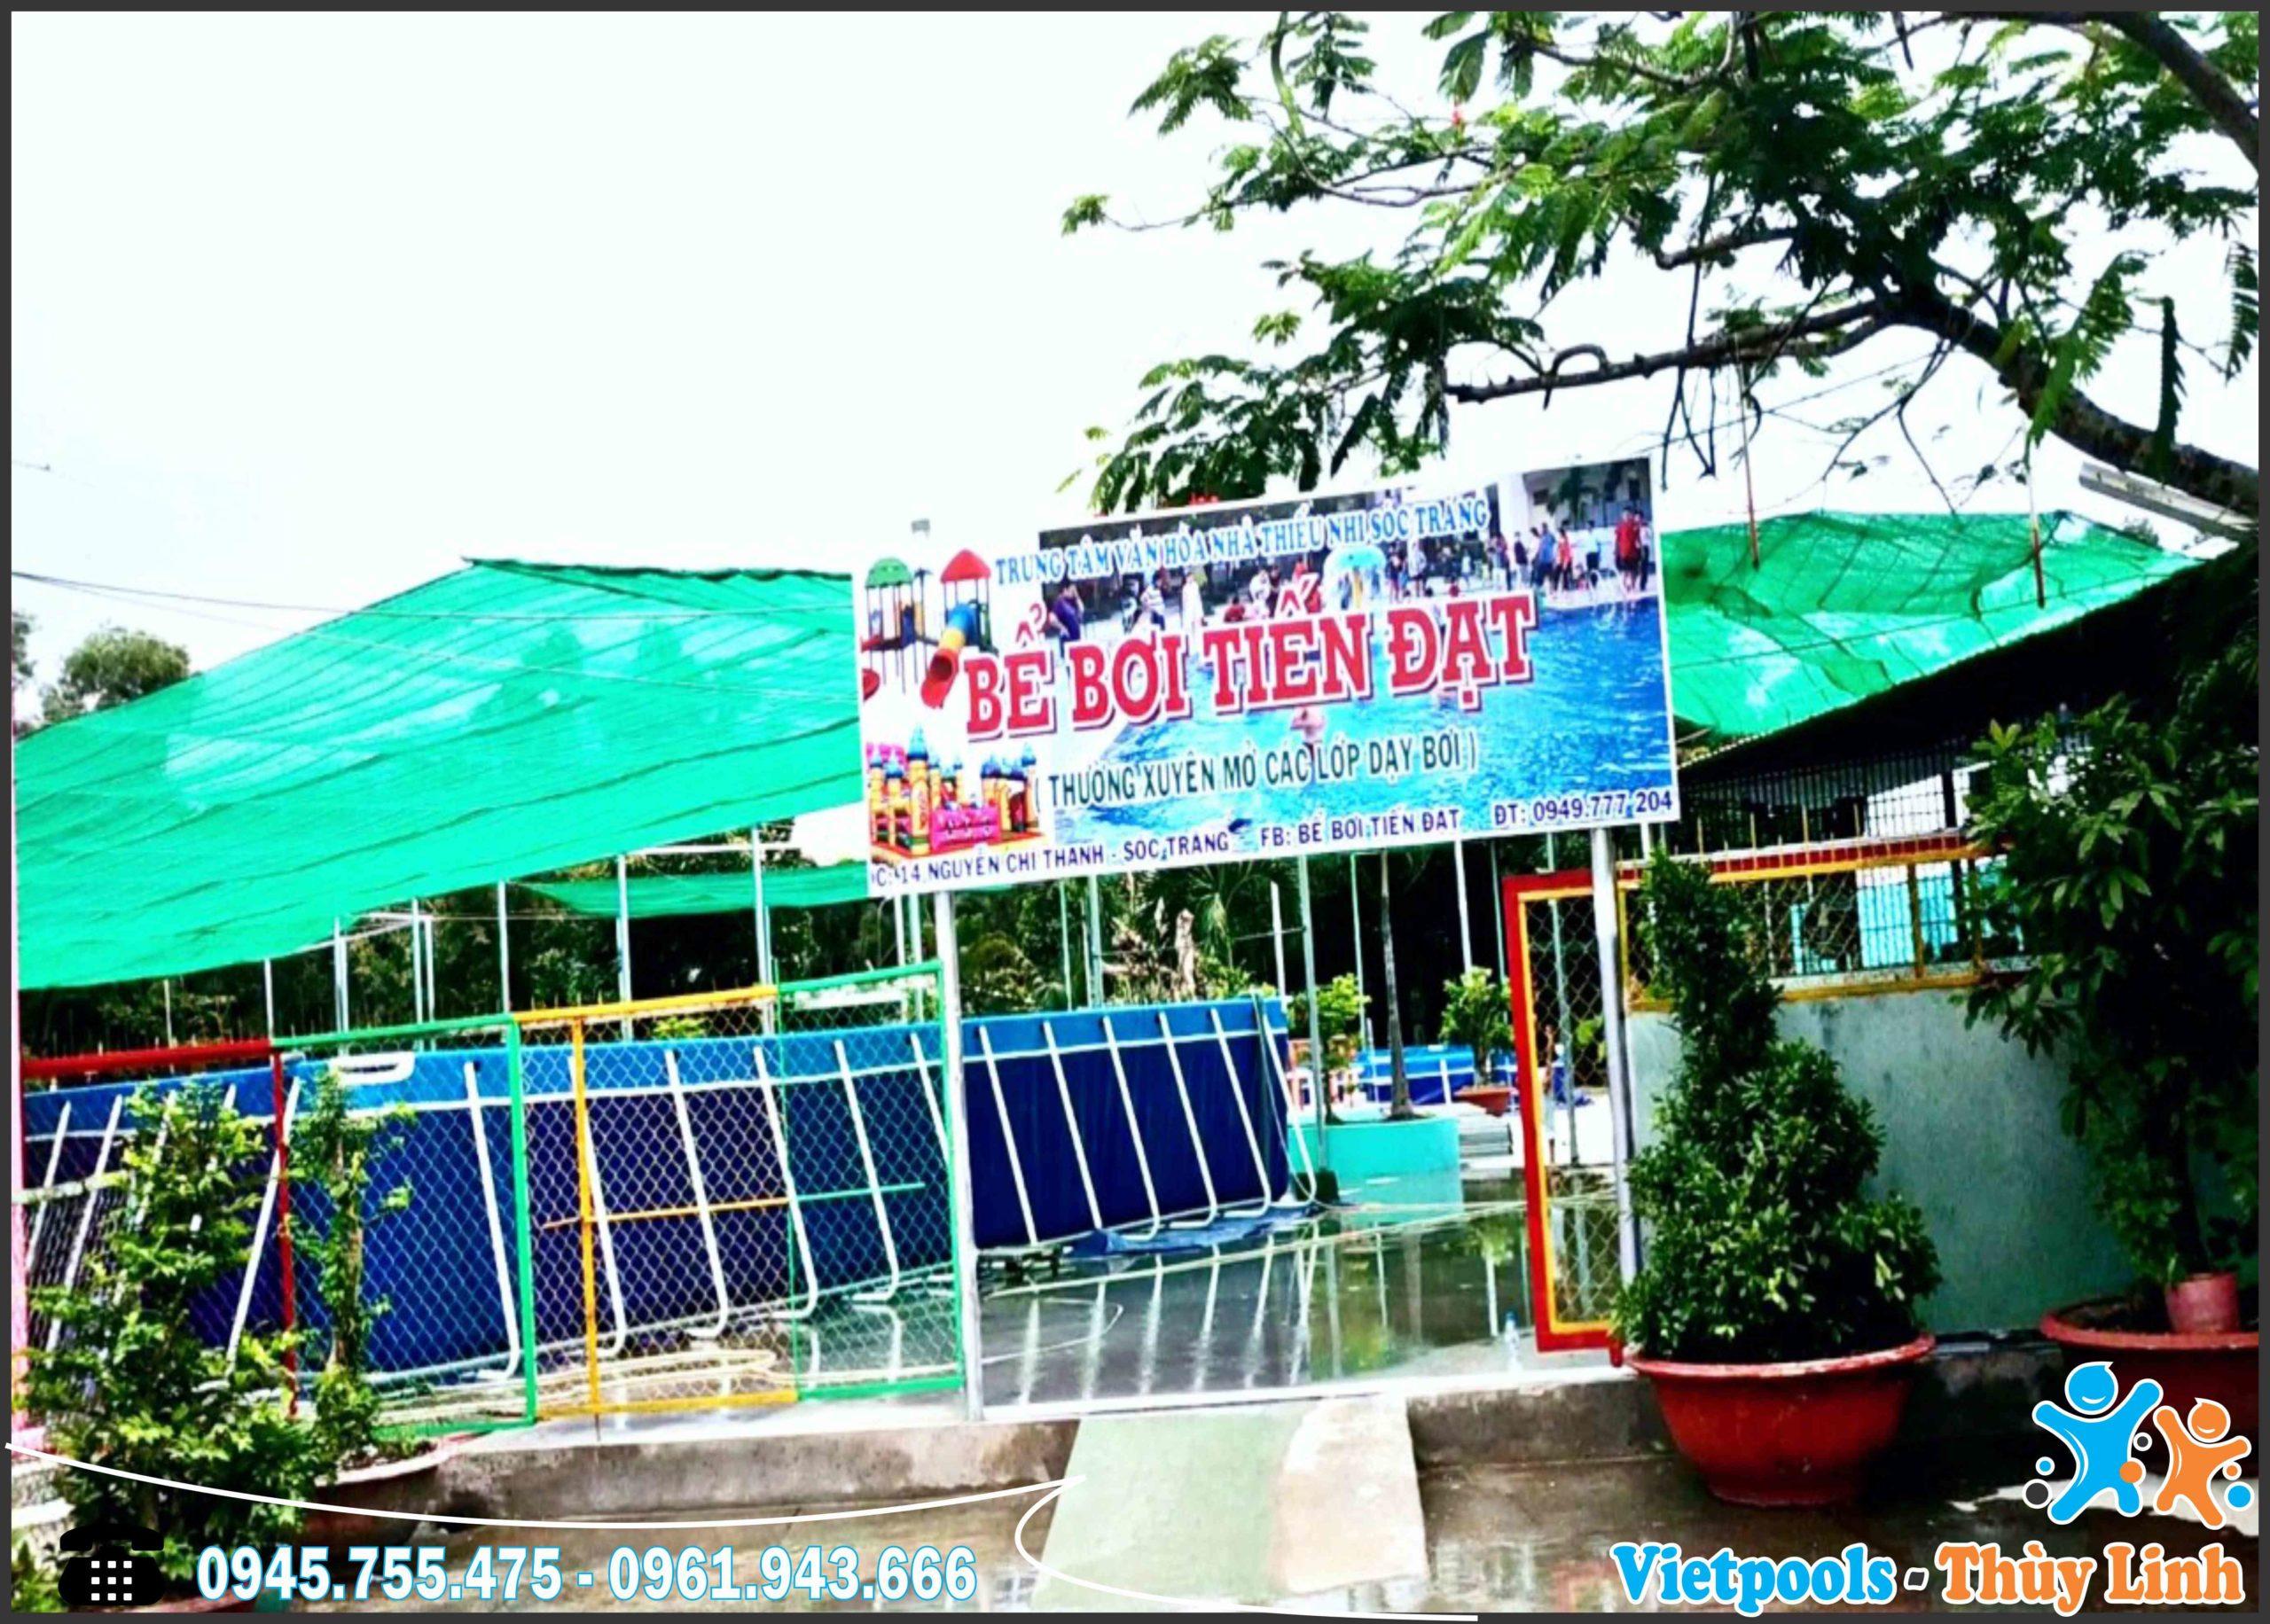 Xưởng sản xuất bể bơi thông minh hàng đầu Việt Nam 13